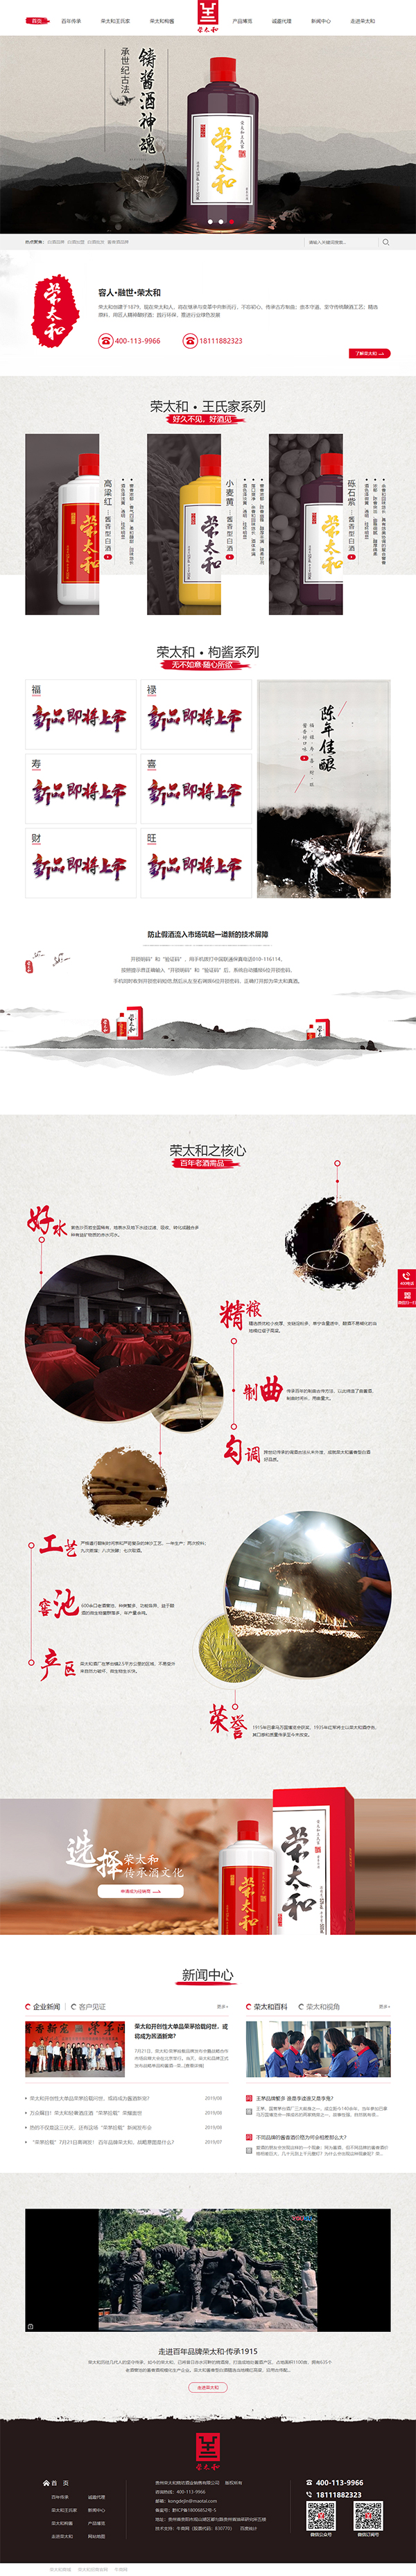 白酒加盟龙8国际龙88型龙8国际官网首页案例